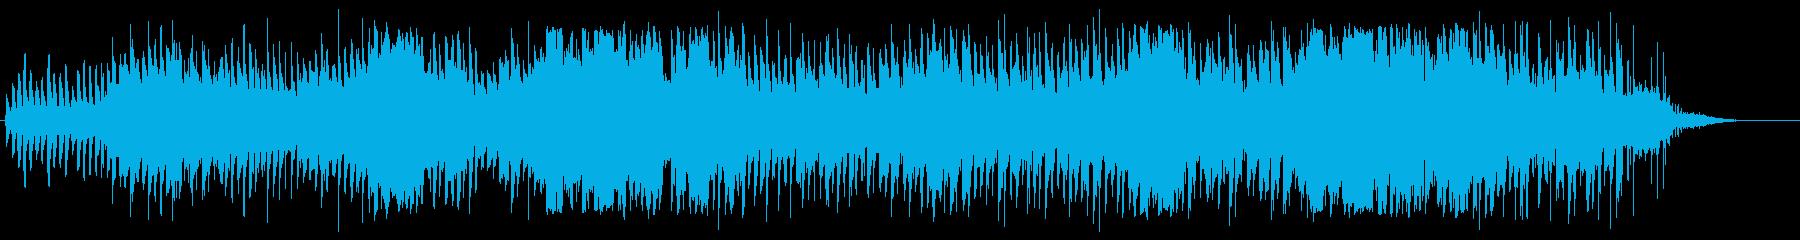 ゴシック・ホラー系のオペラ調楽曲です。の再生済みの波形